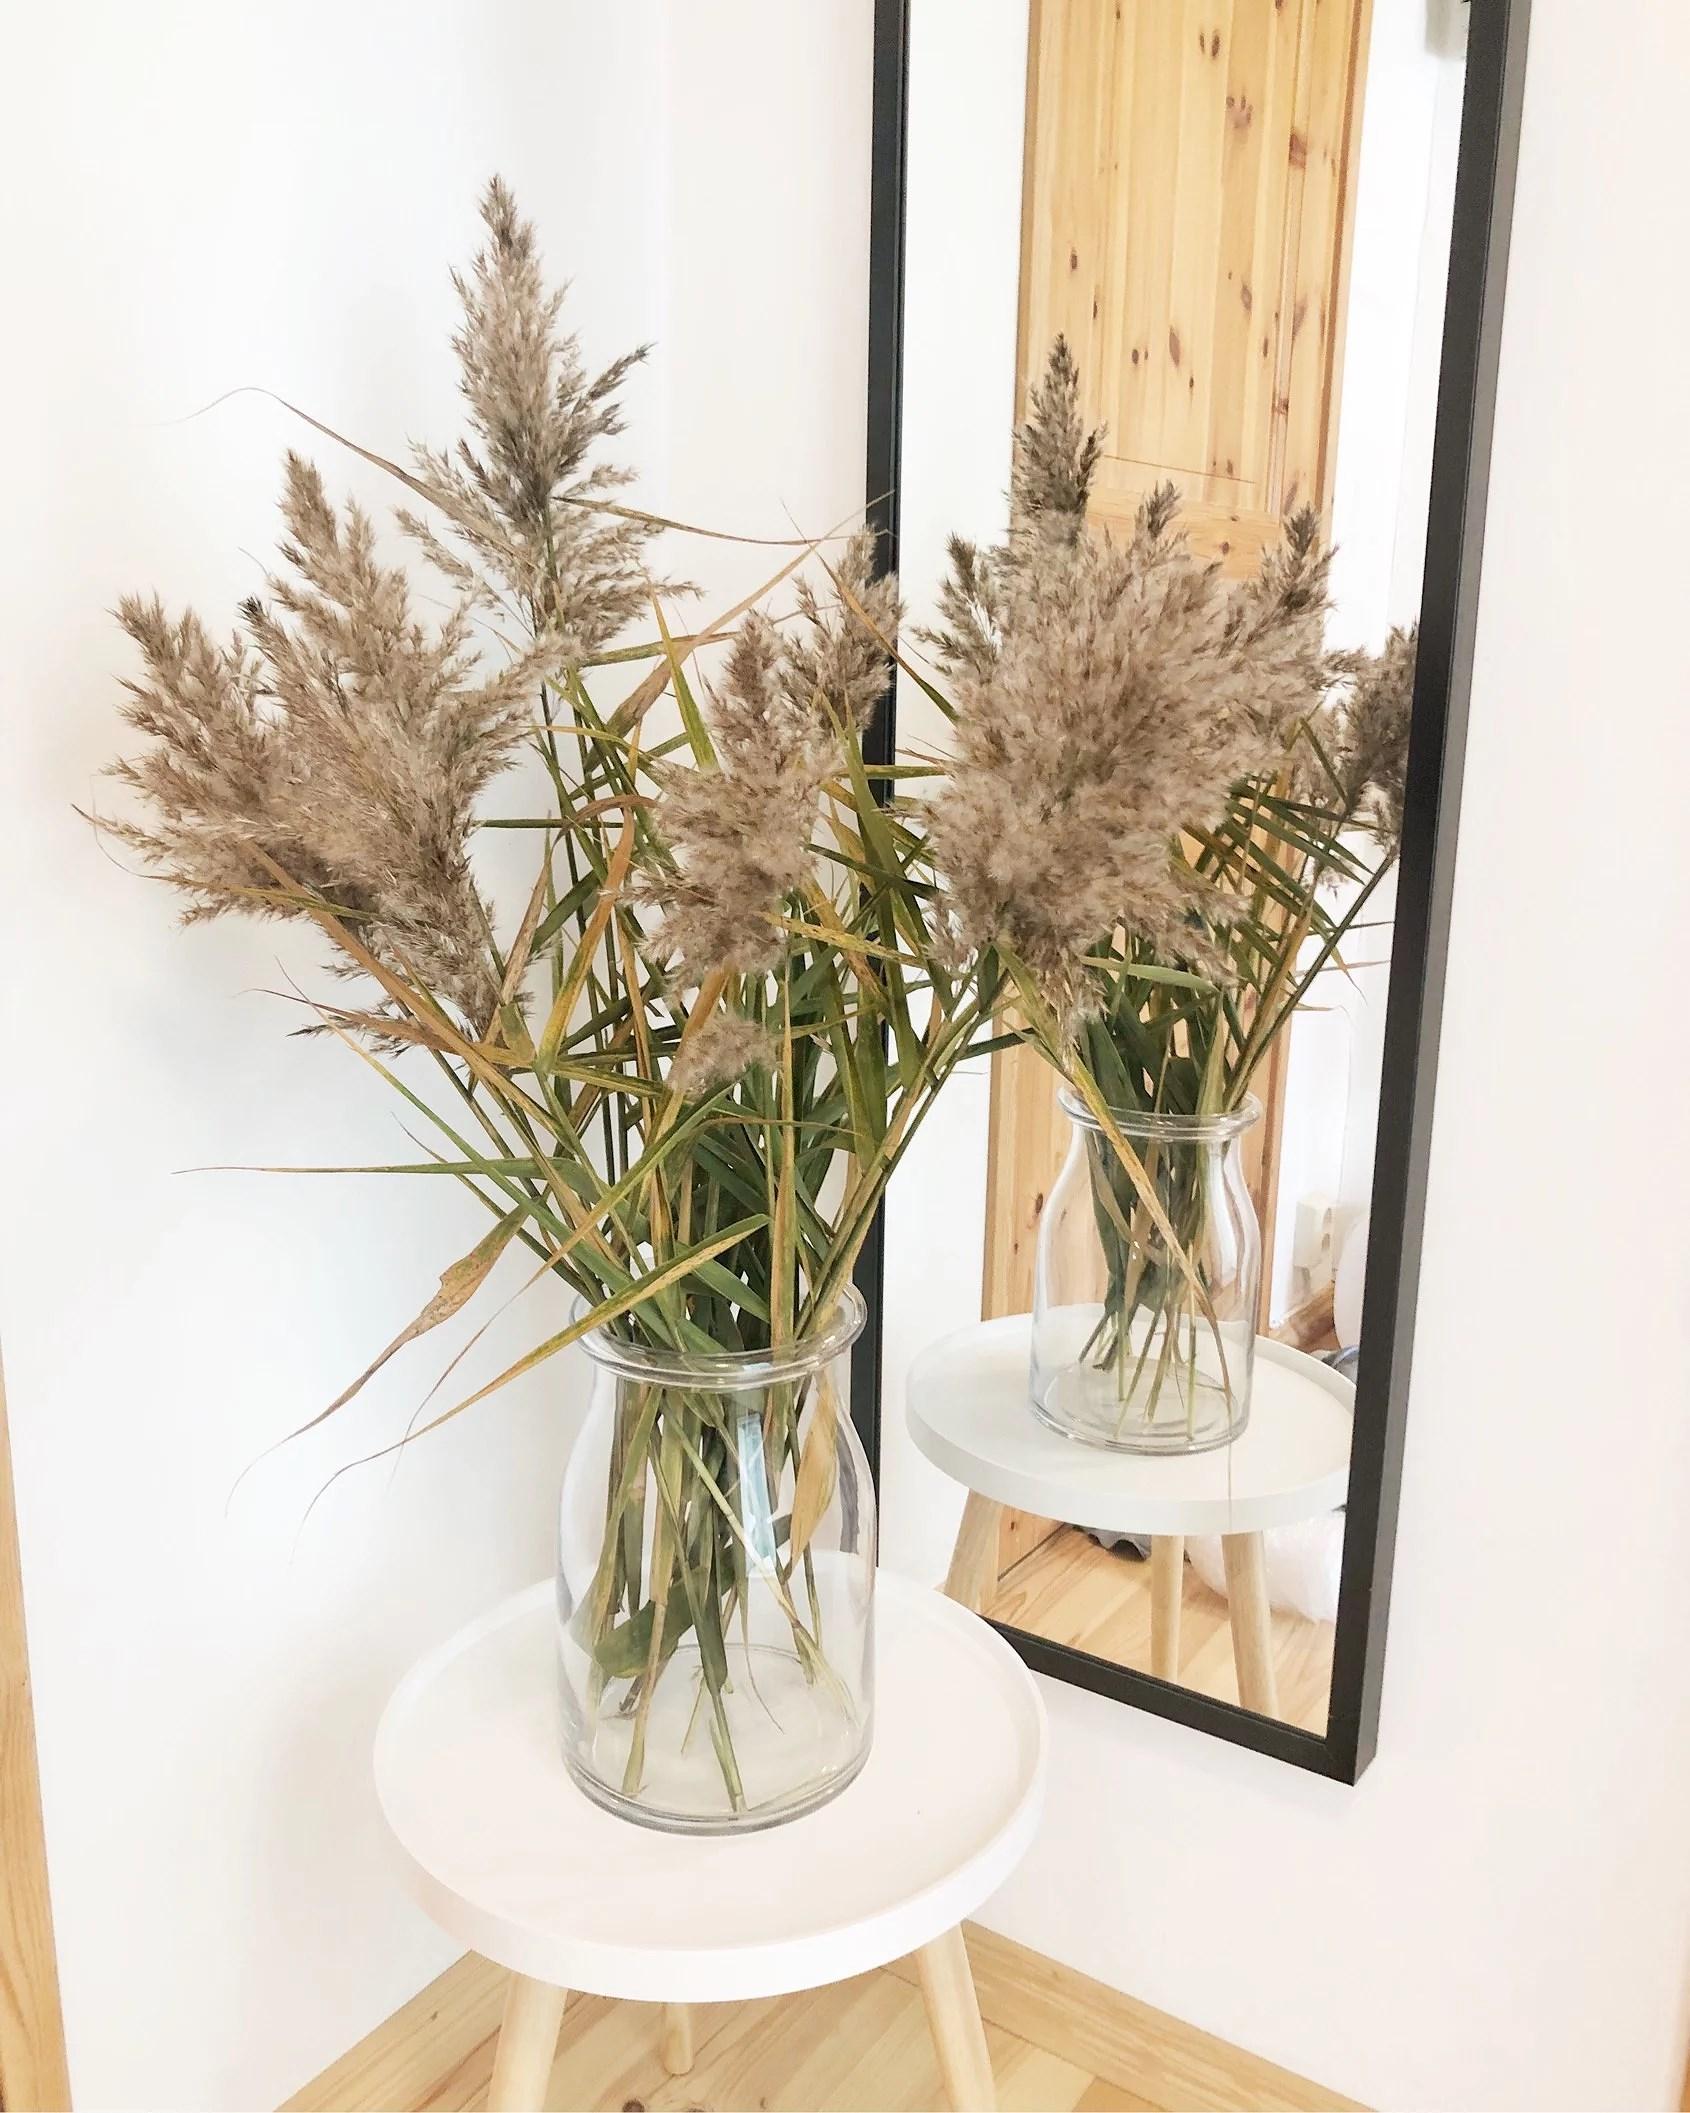 Vad har jag i vasen?